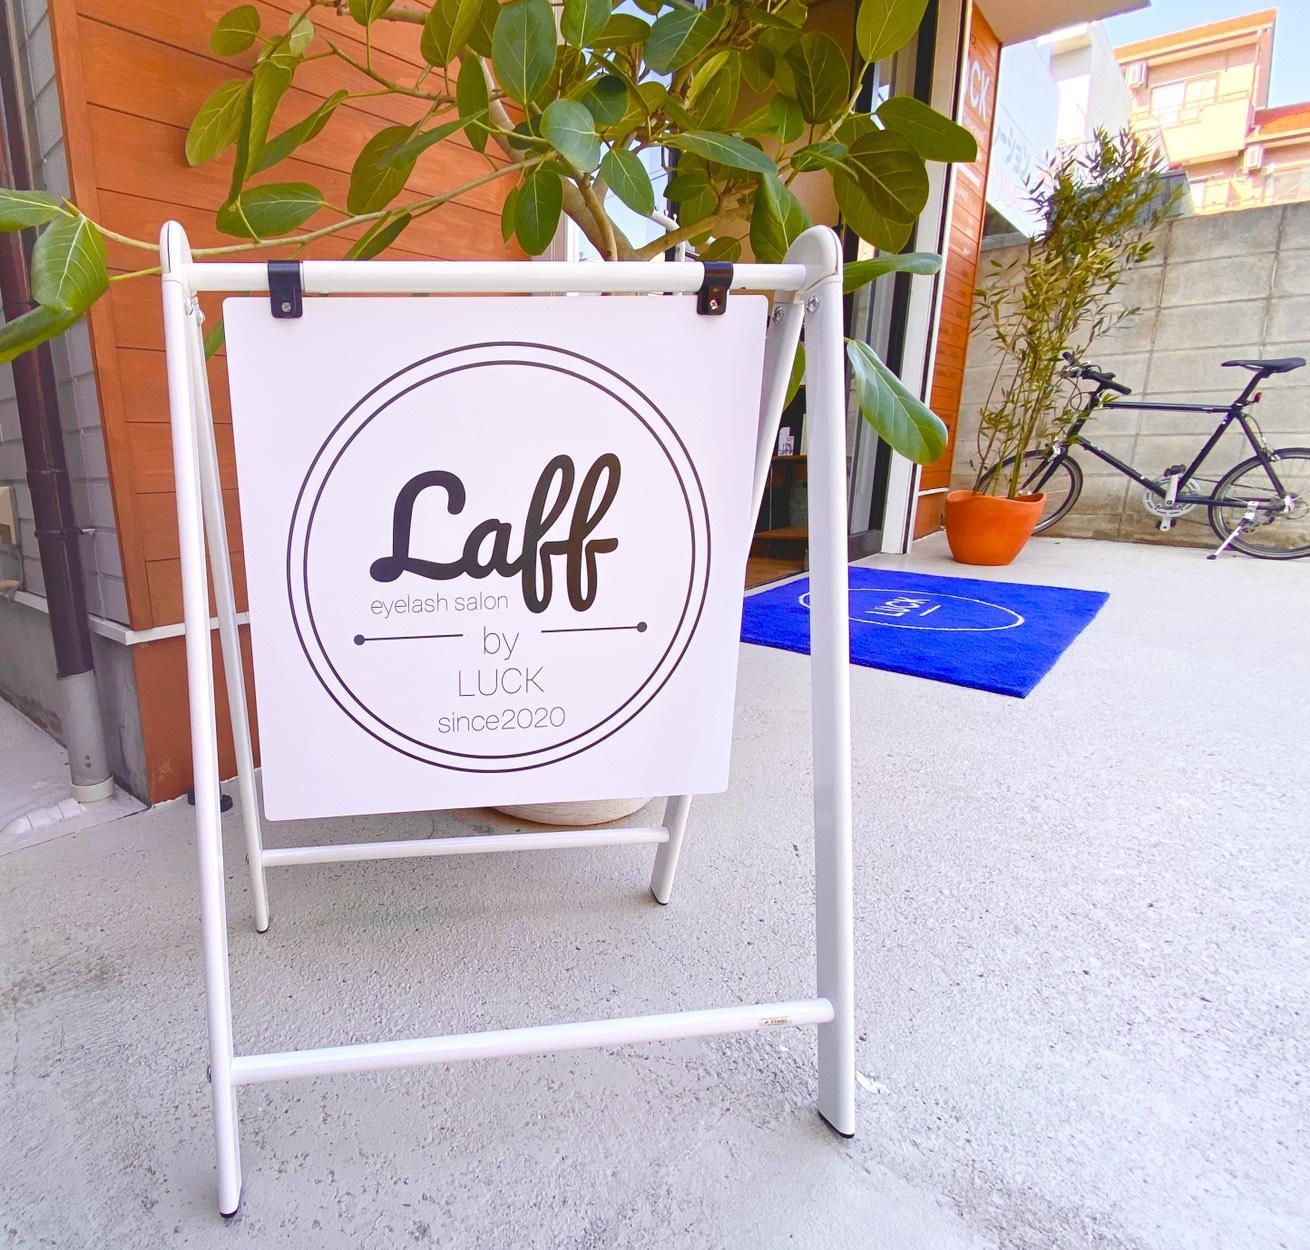 Laff by LUCK☆新卒アイリスト募集!